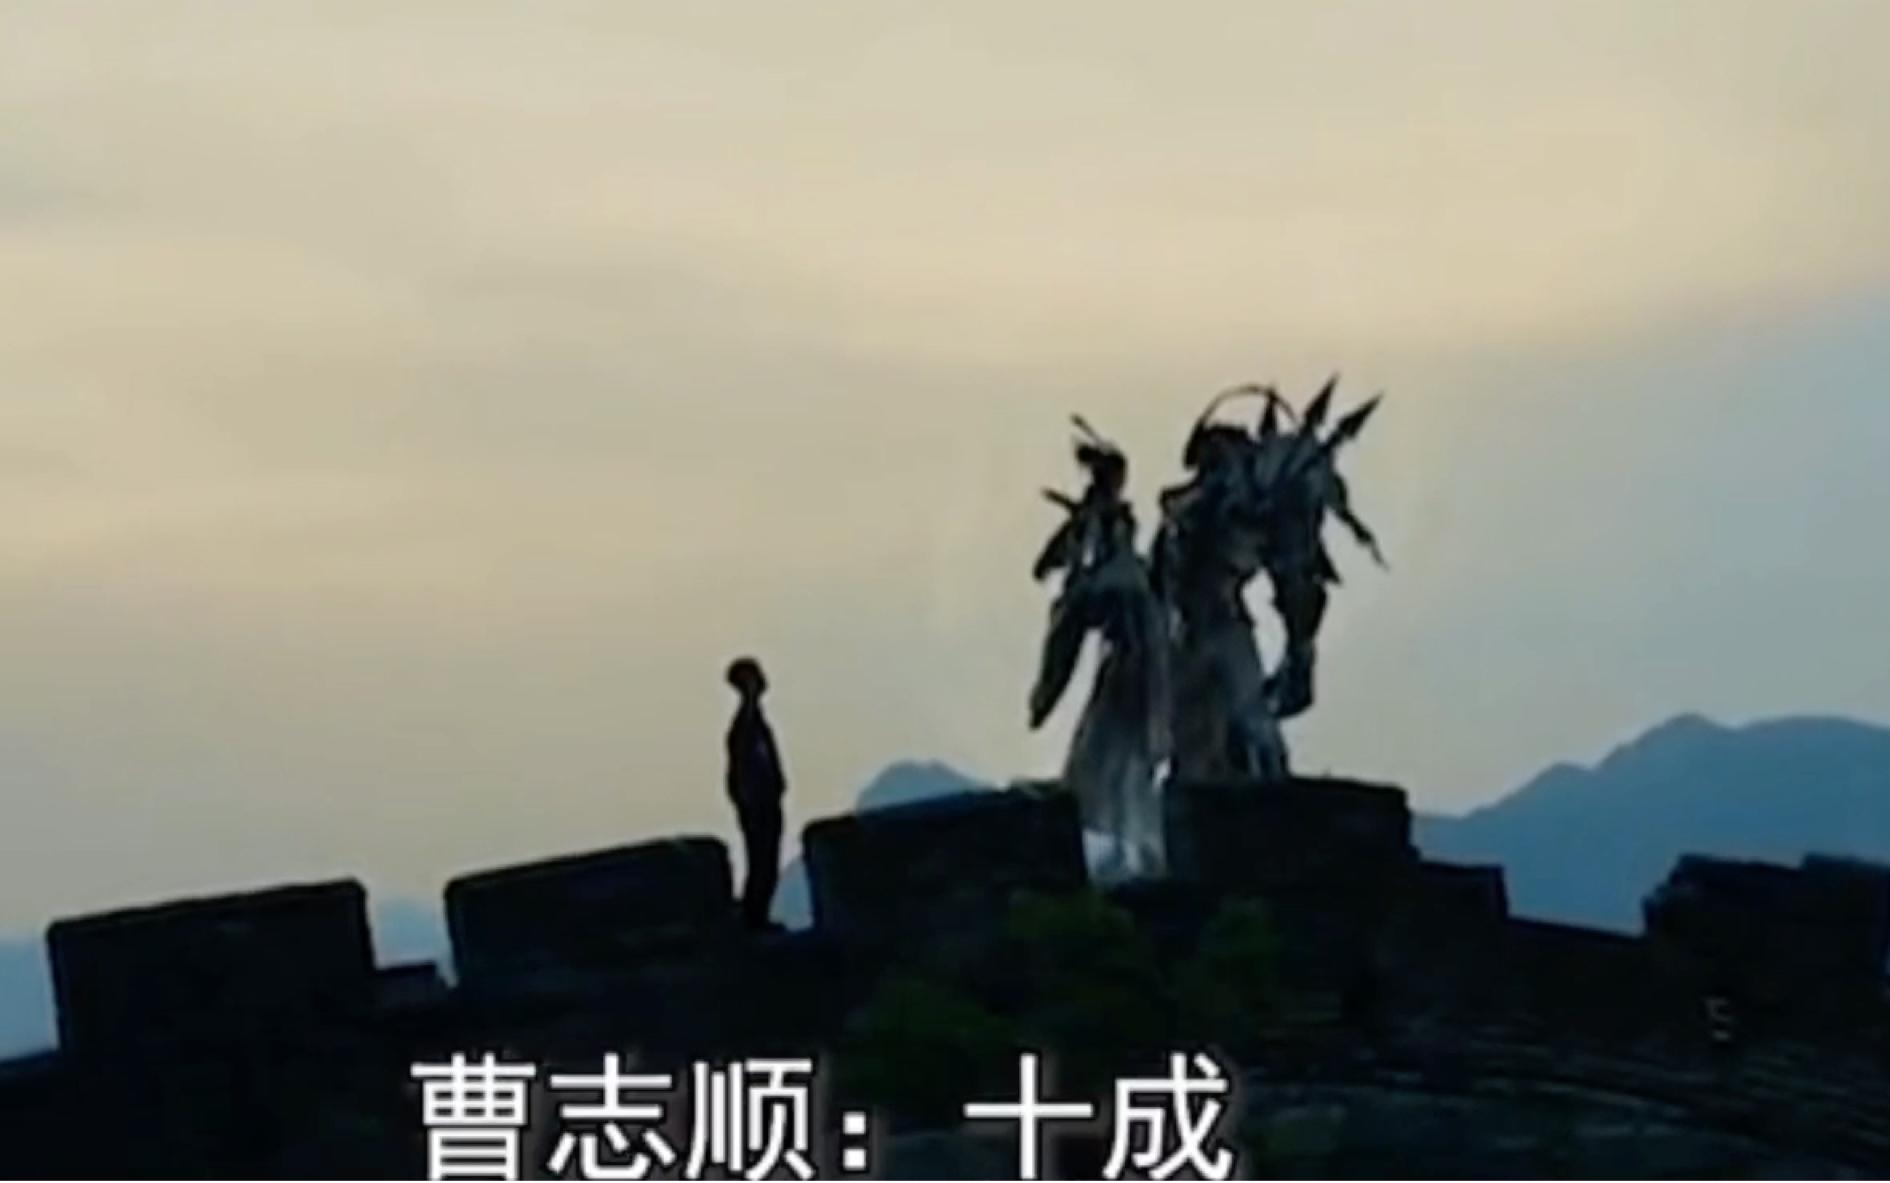 曹志顺,这一战,把握有几成。   十成!!!